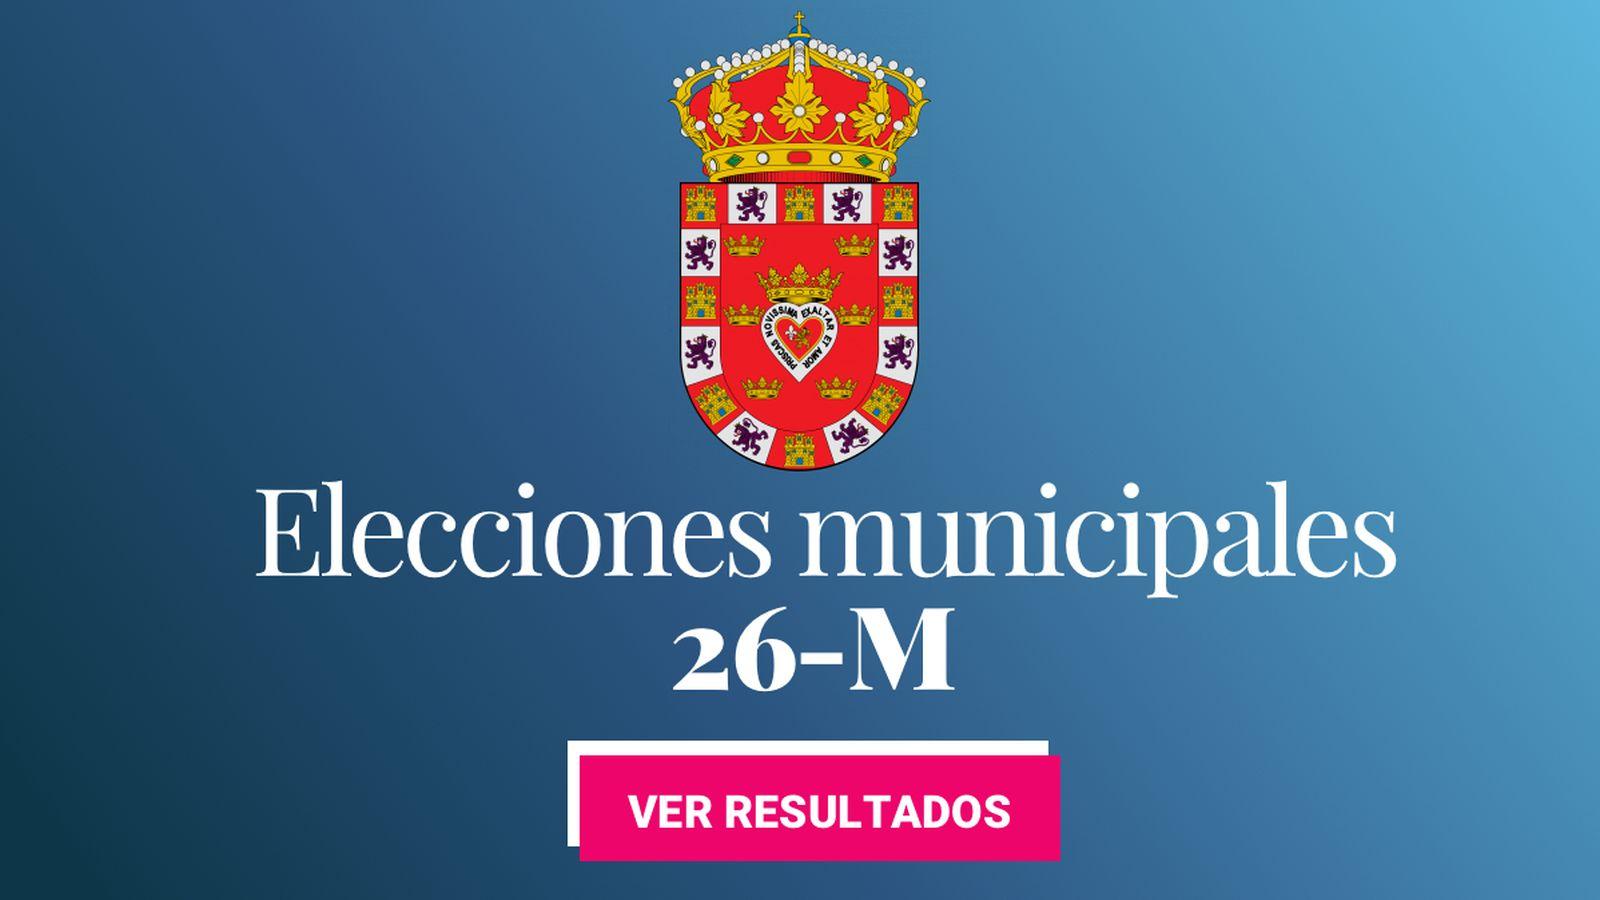 Foto: Elecciones municipales 2019 en Murcia. (C.C./EC)